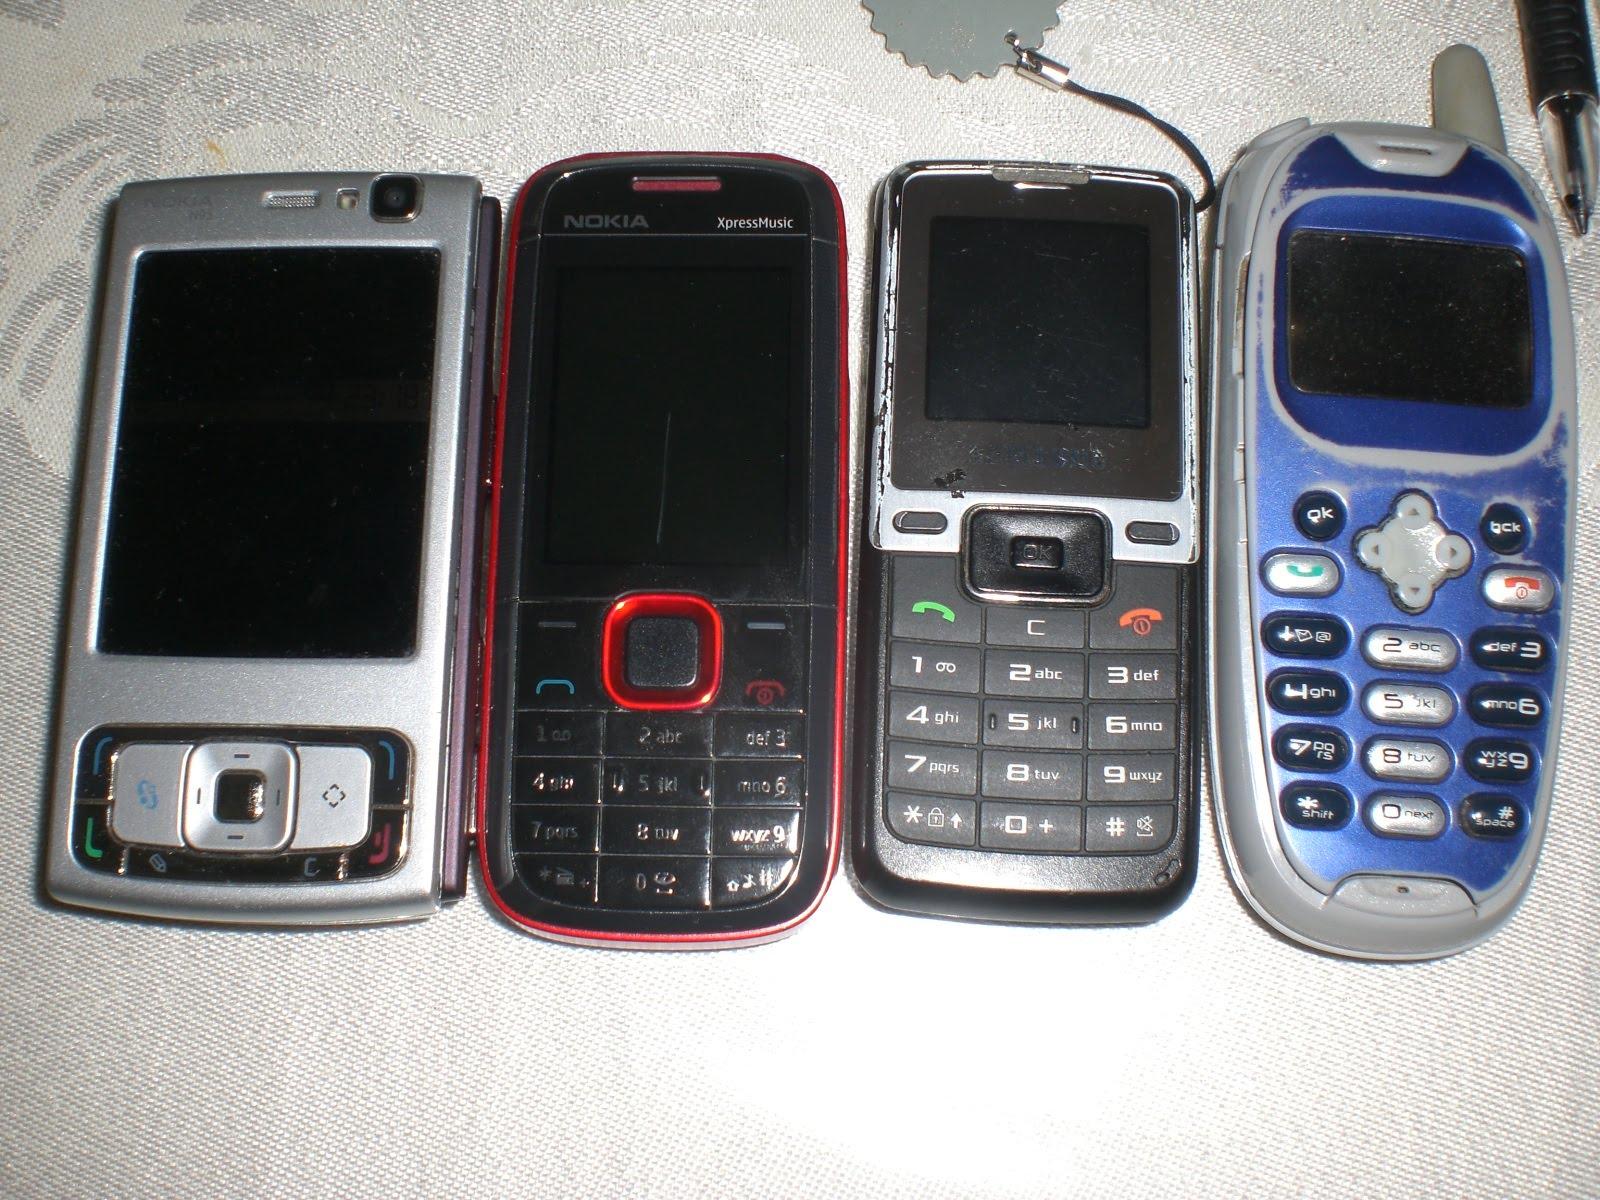 tecnologia, cine y celulares